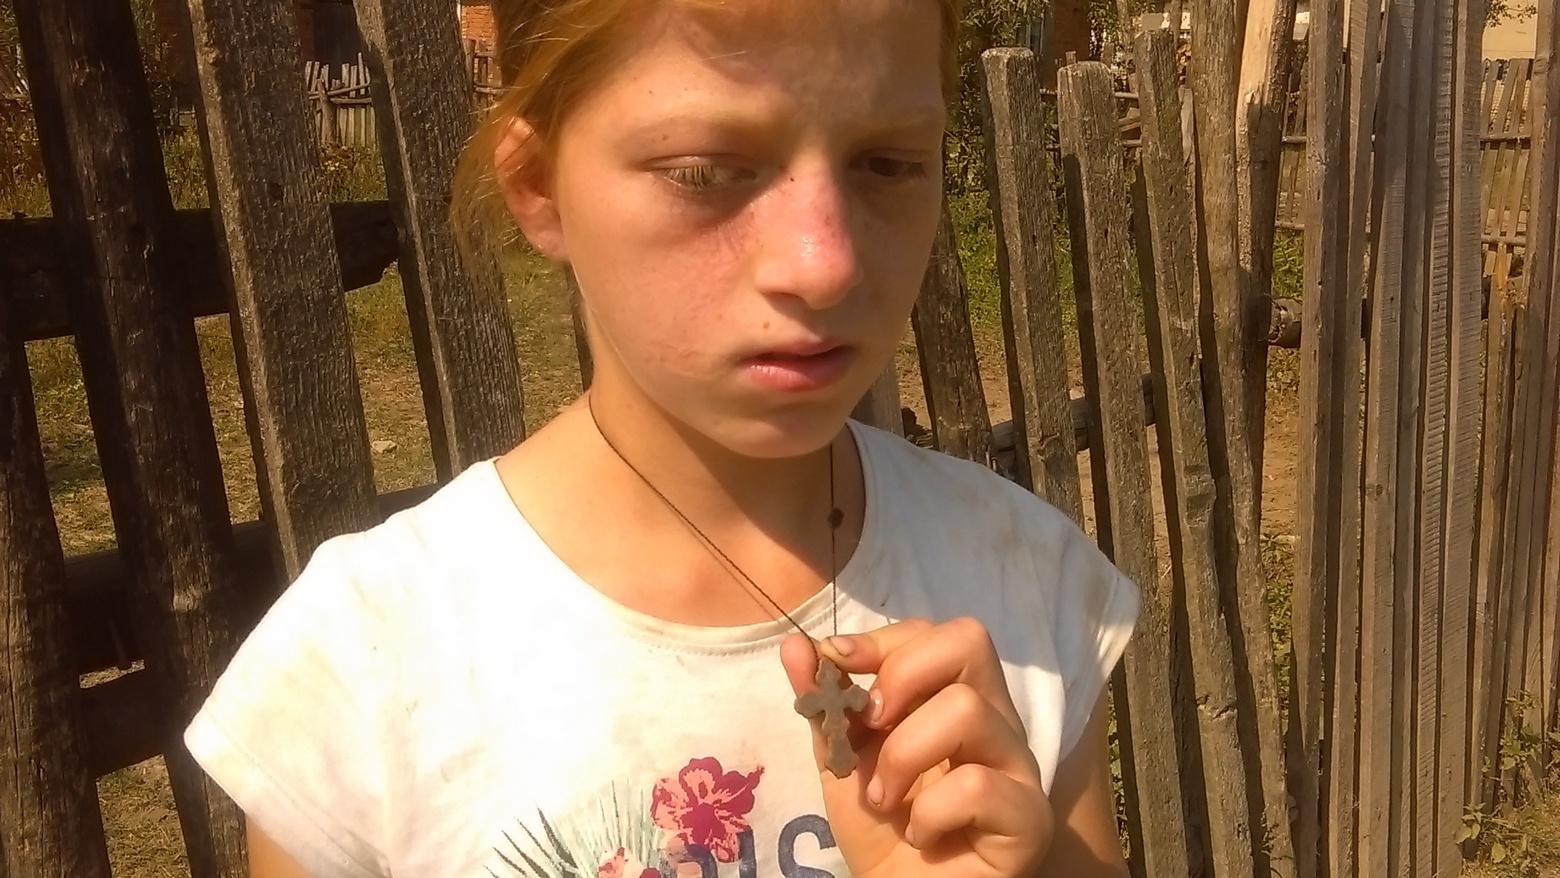 Mărturisirea credinței de către copiii volohi din Ucraina